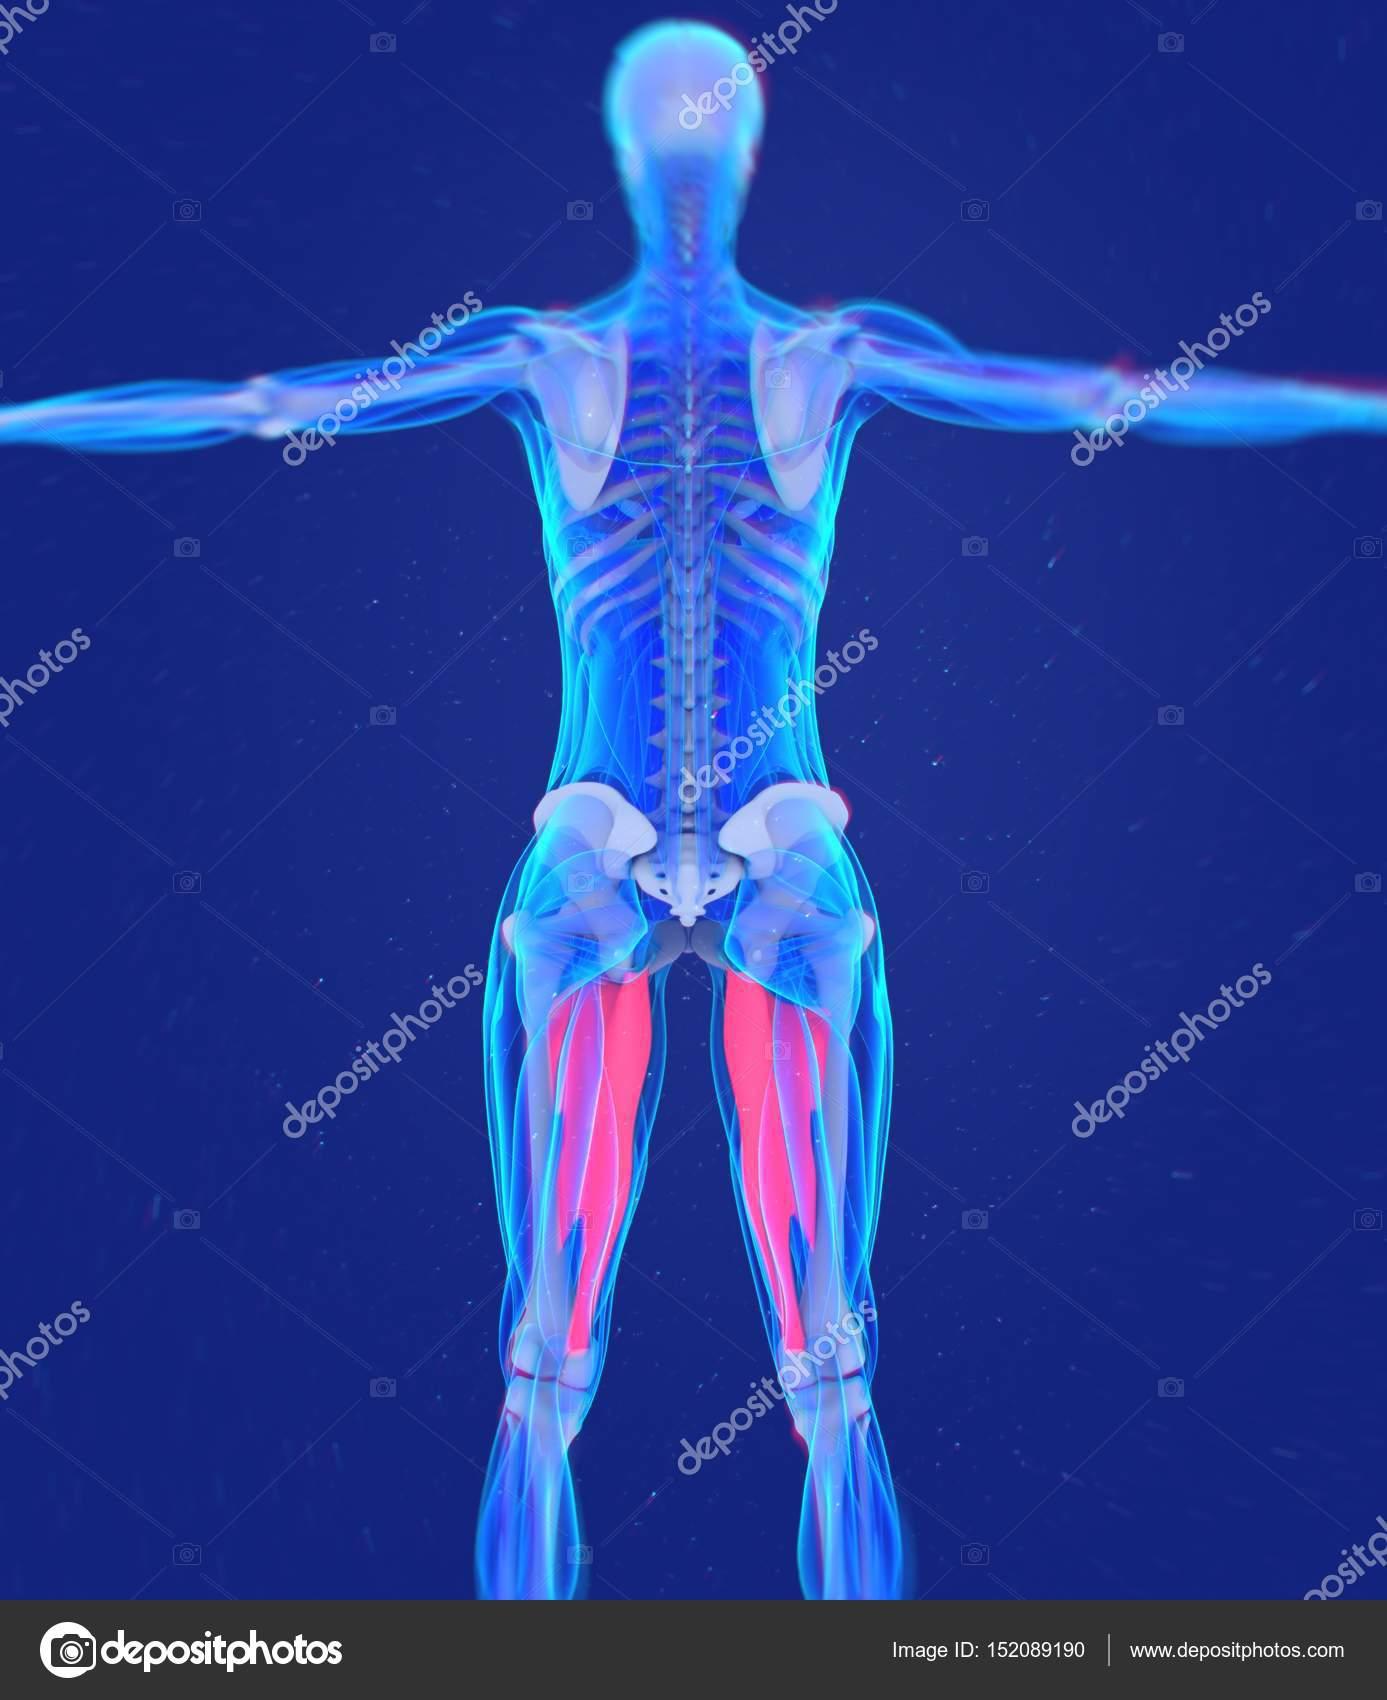 modelo de anatomía de los músculos aductores — Foto de stock ...